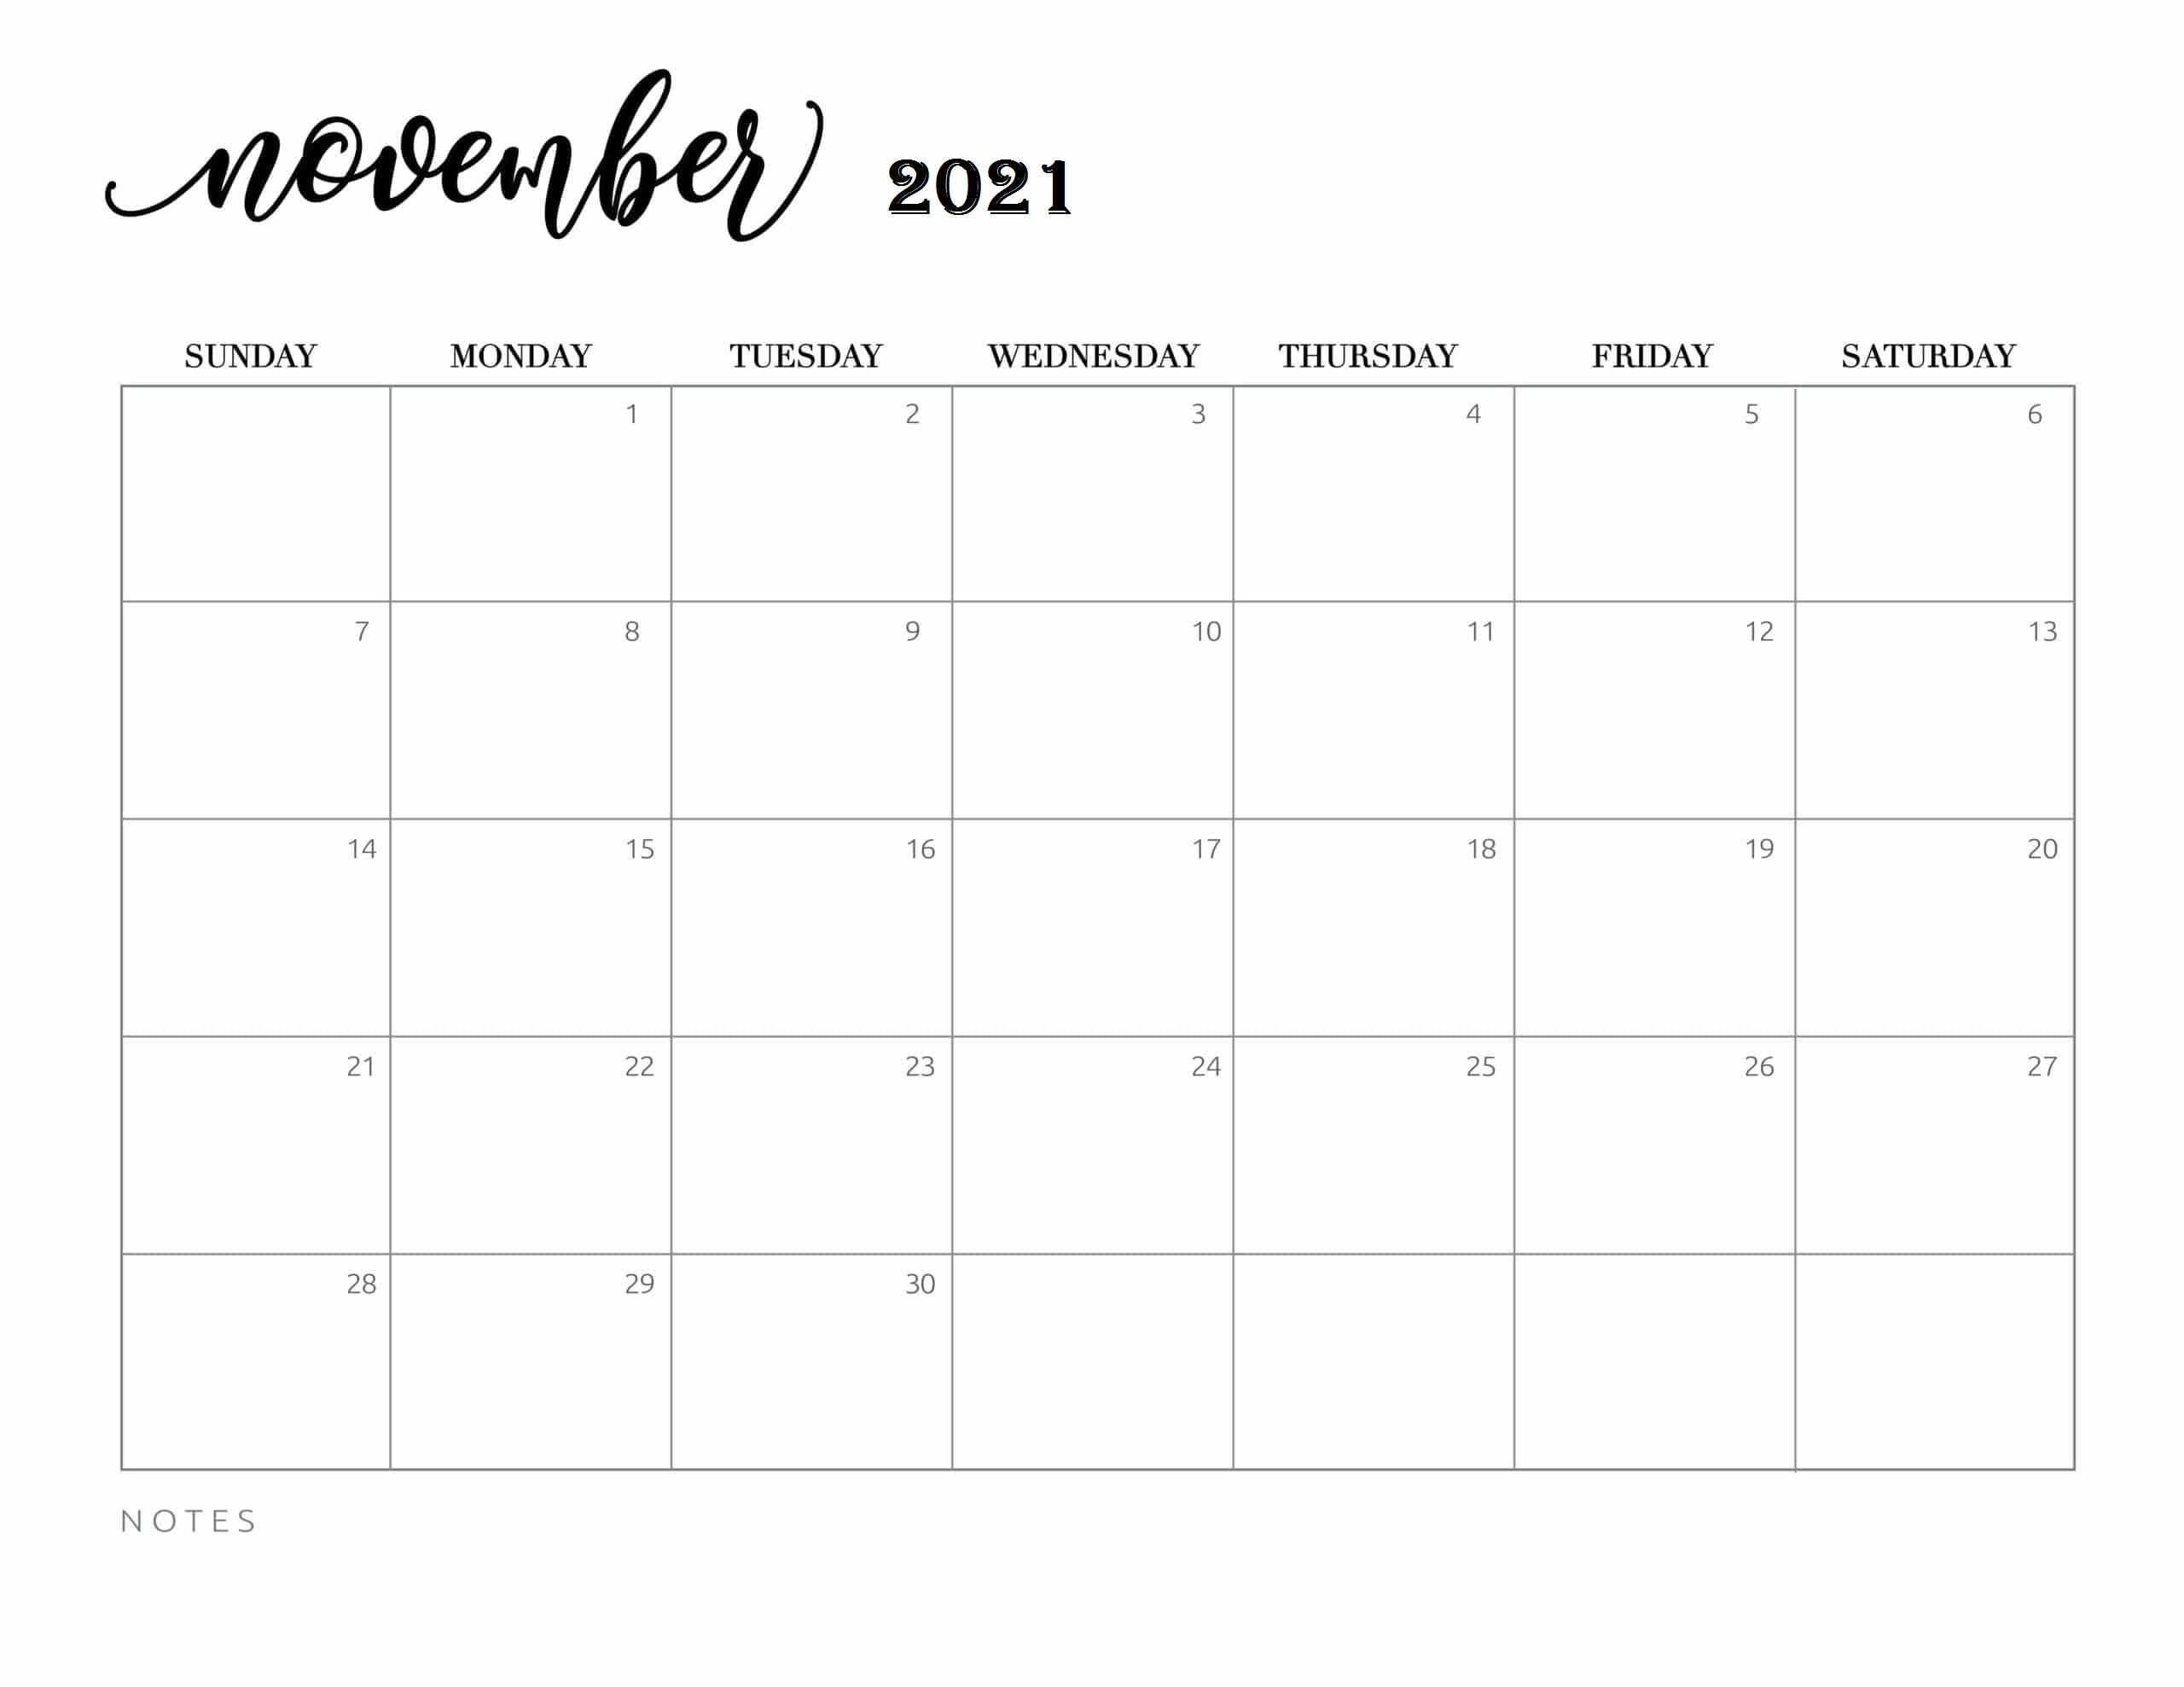 November 2021 Calendar With Festivals